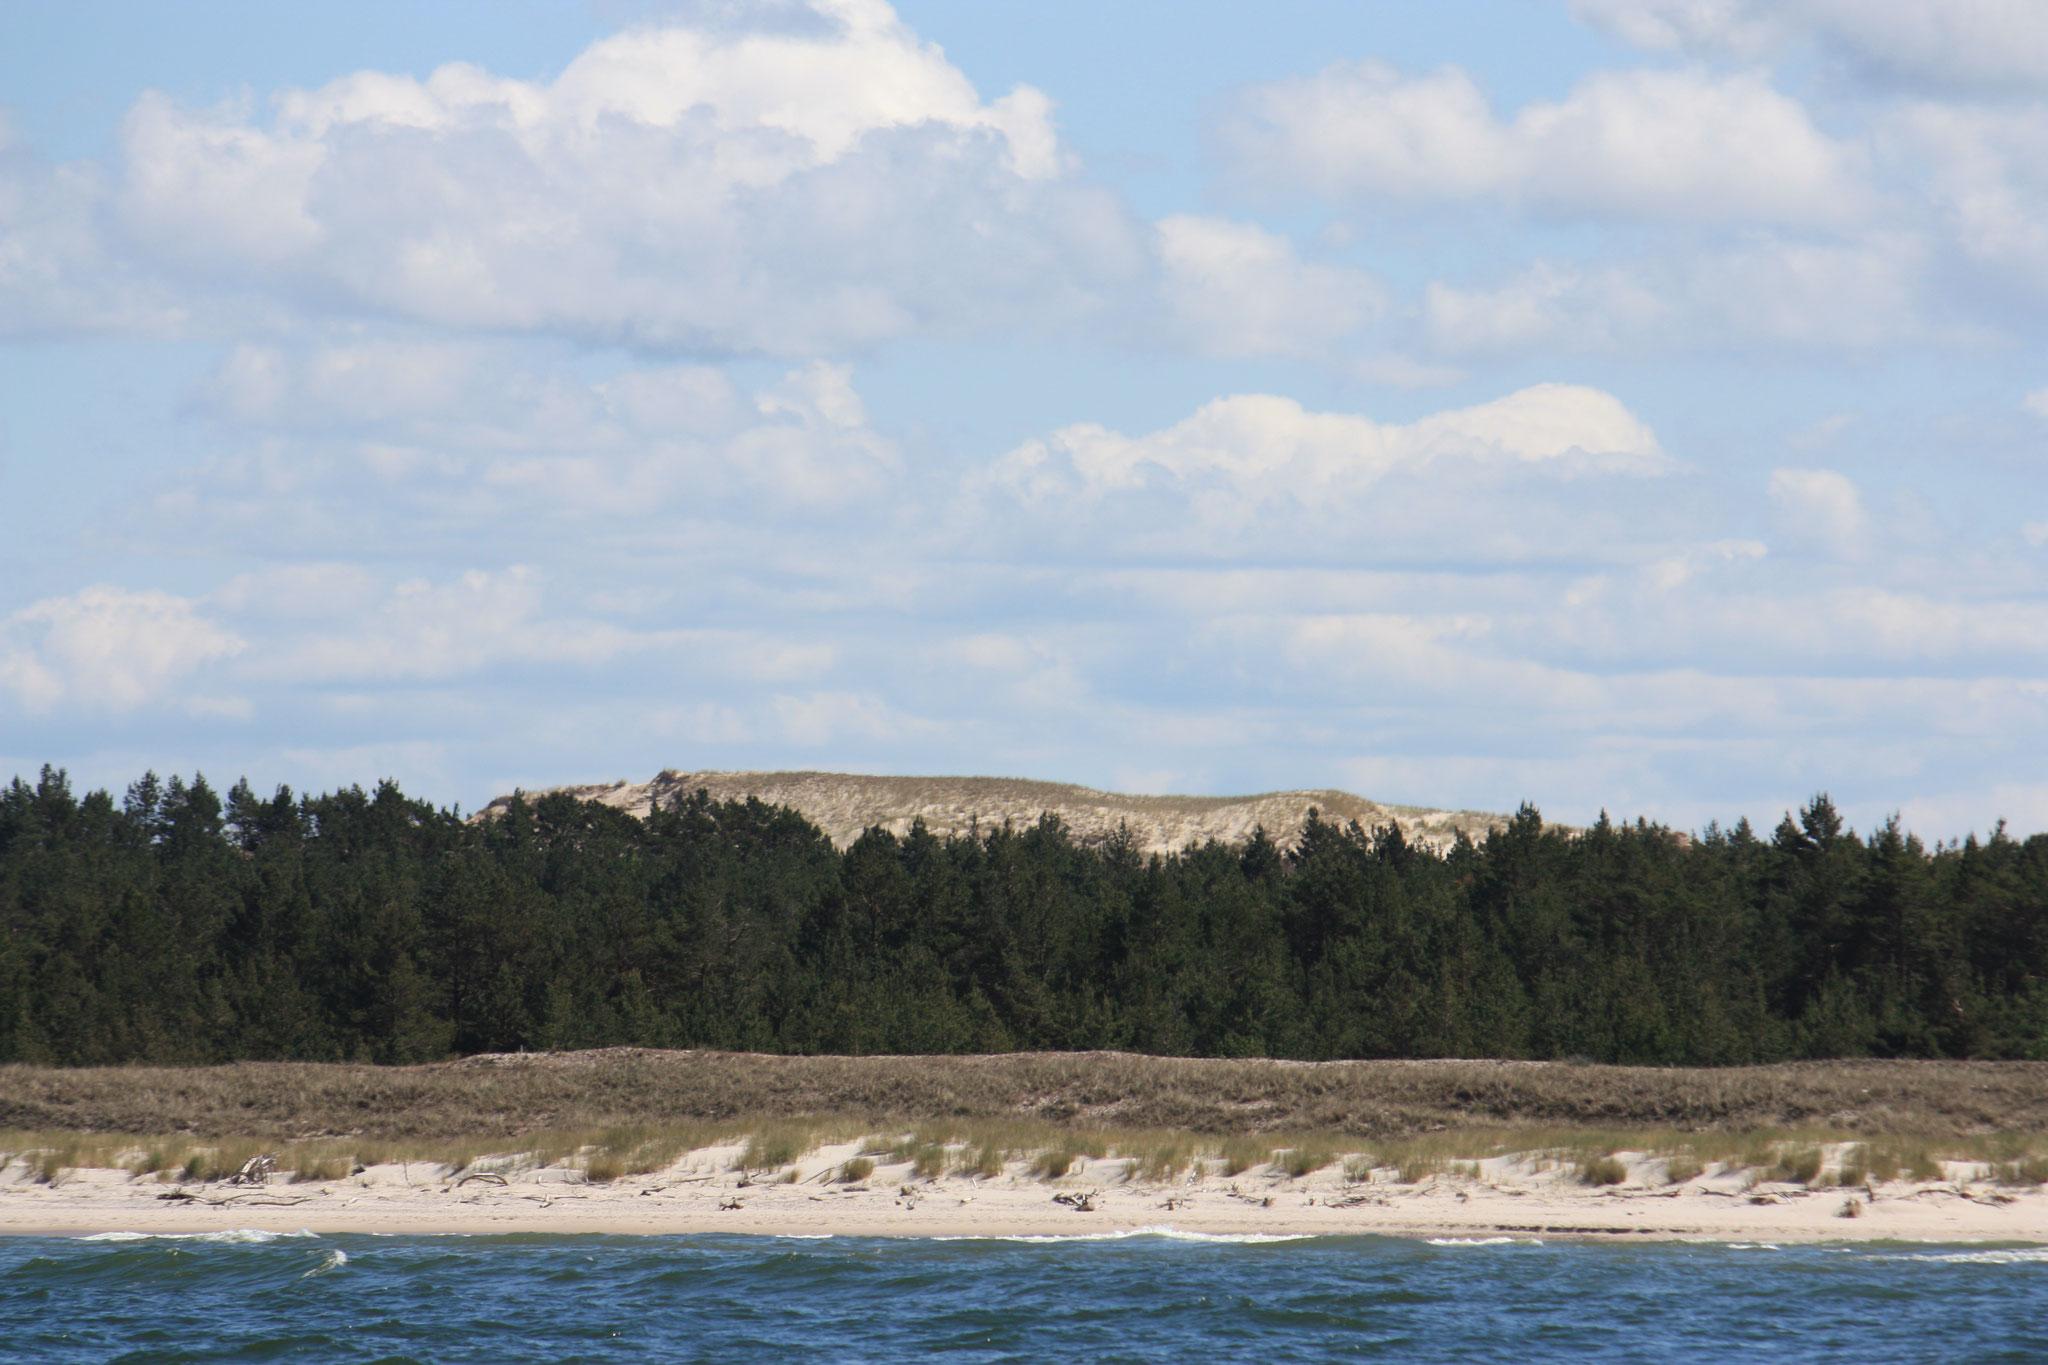 Wanderdünen von Leba, etwa 45m hohe Sandberge...